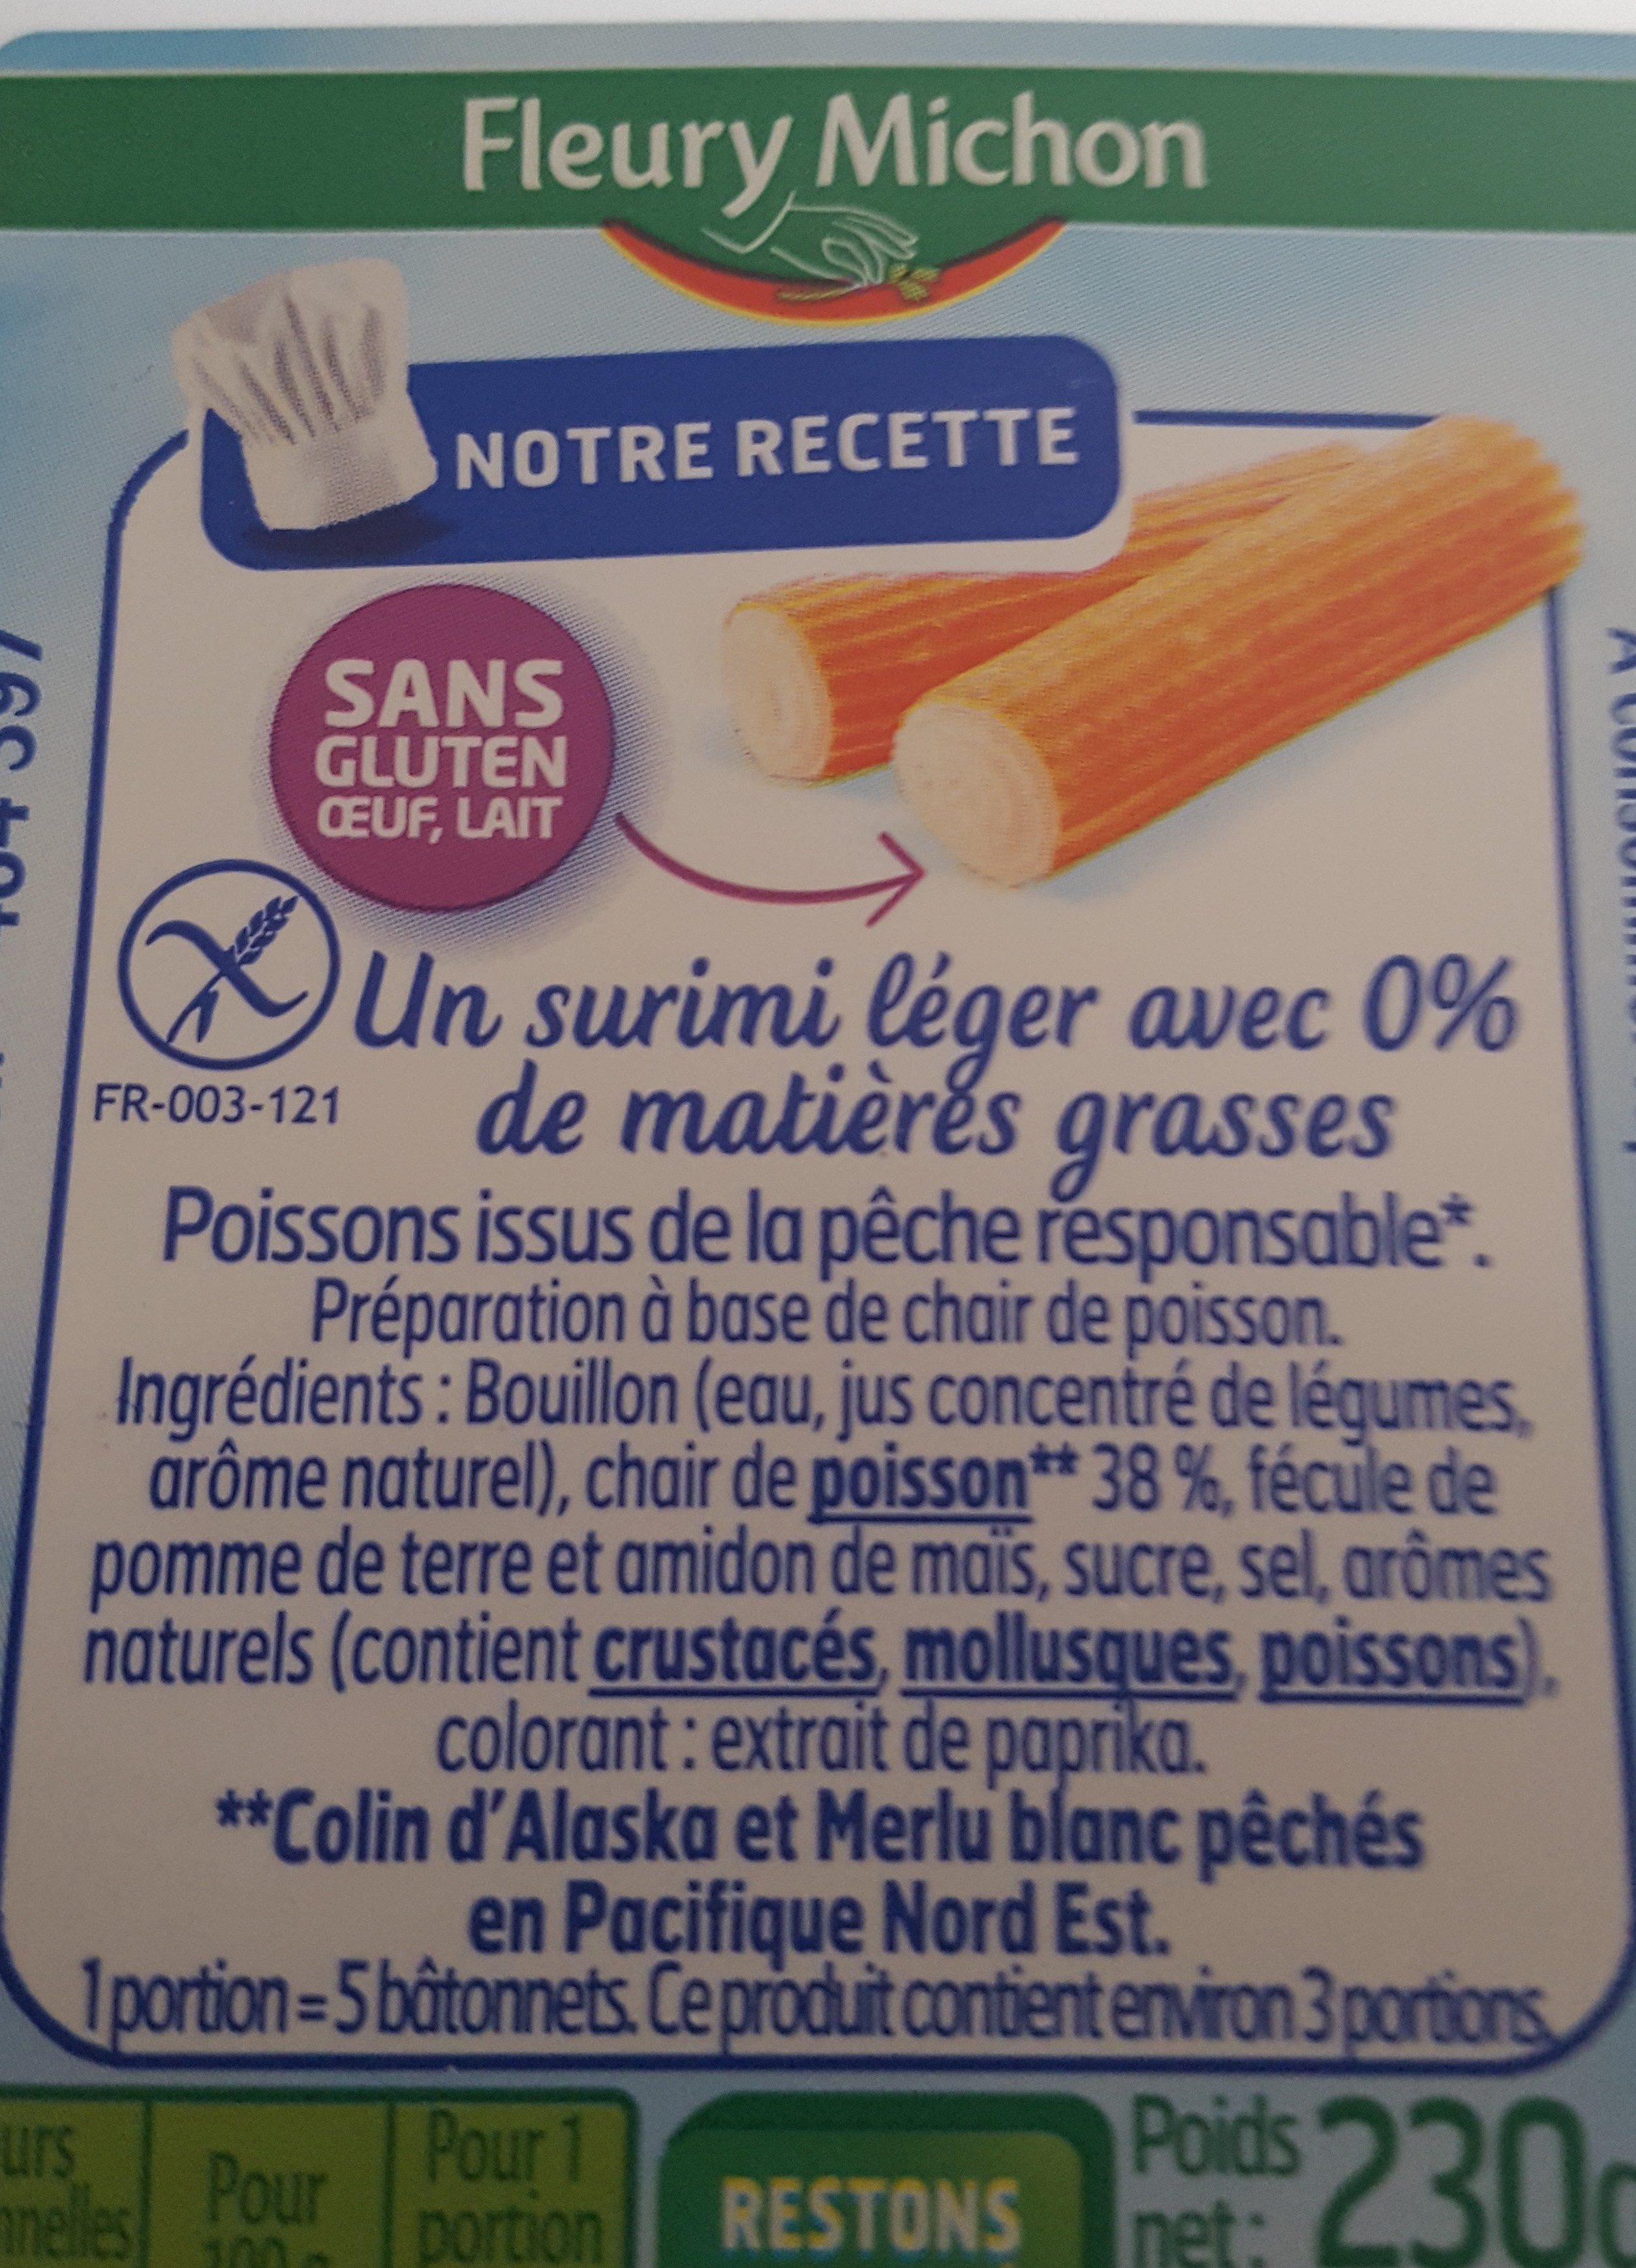 Surimi léger 0% - Ingrédients